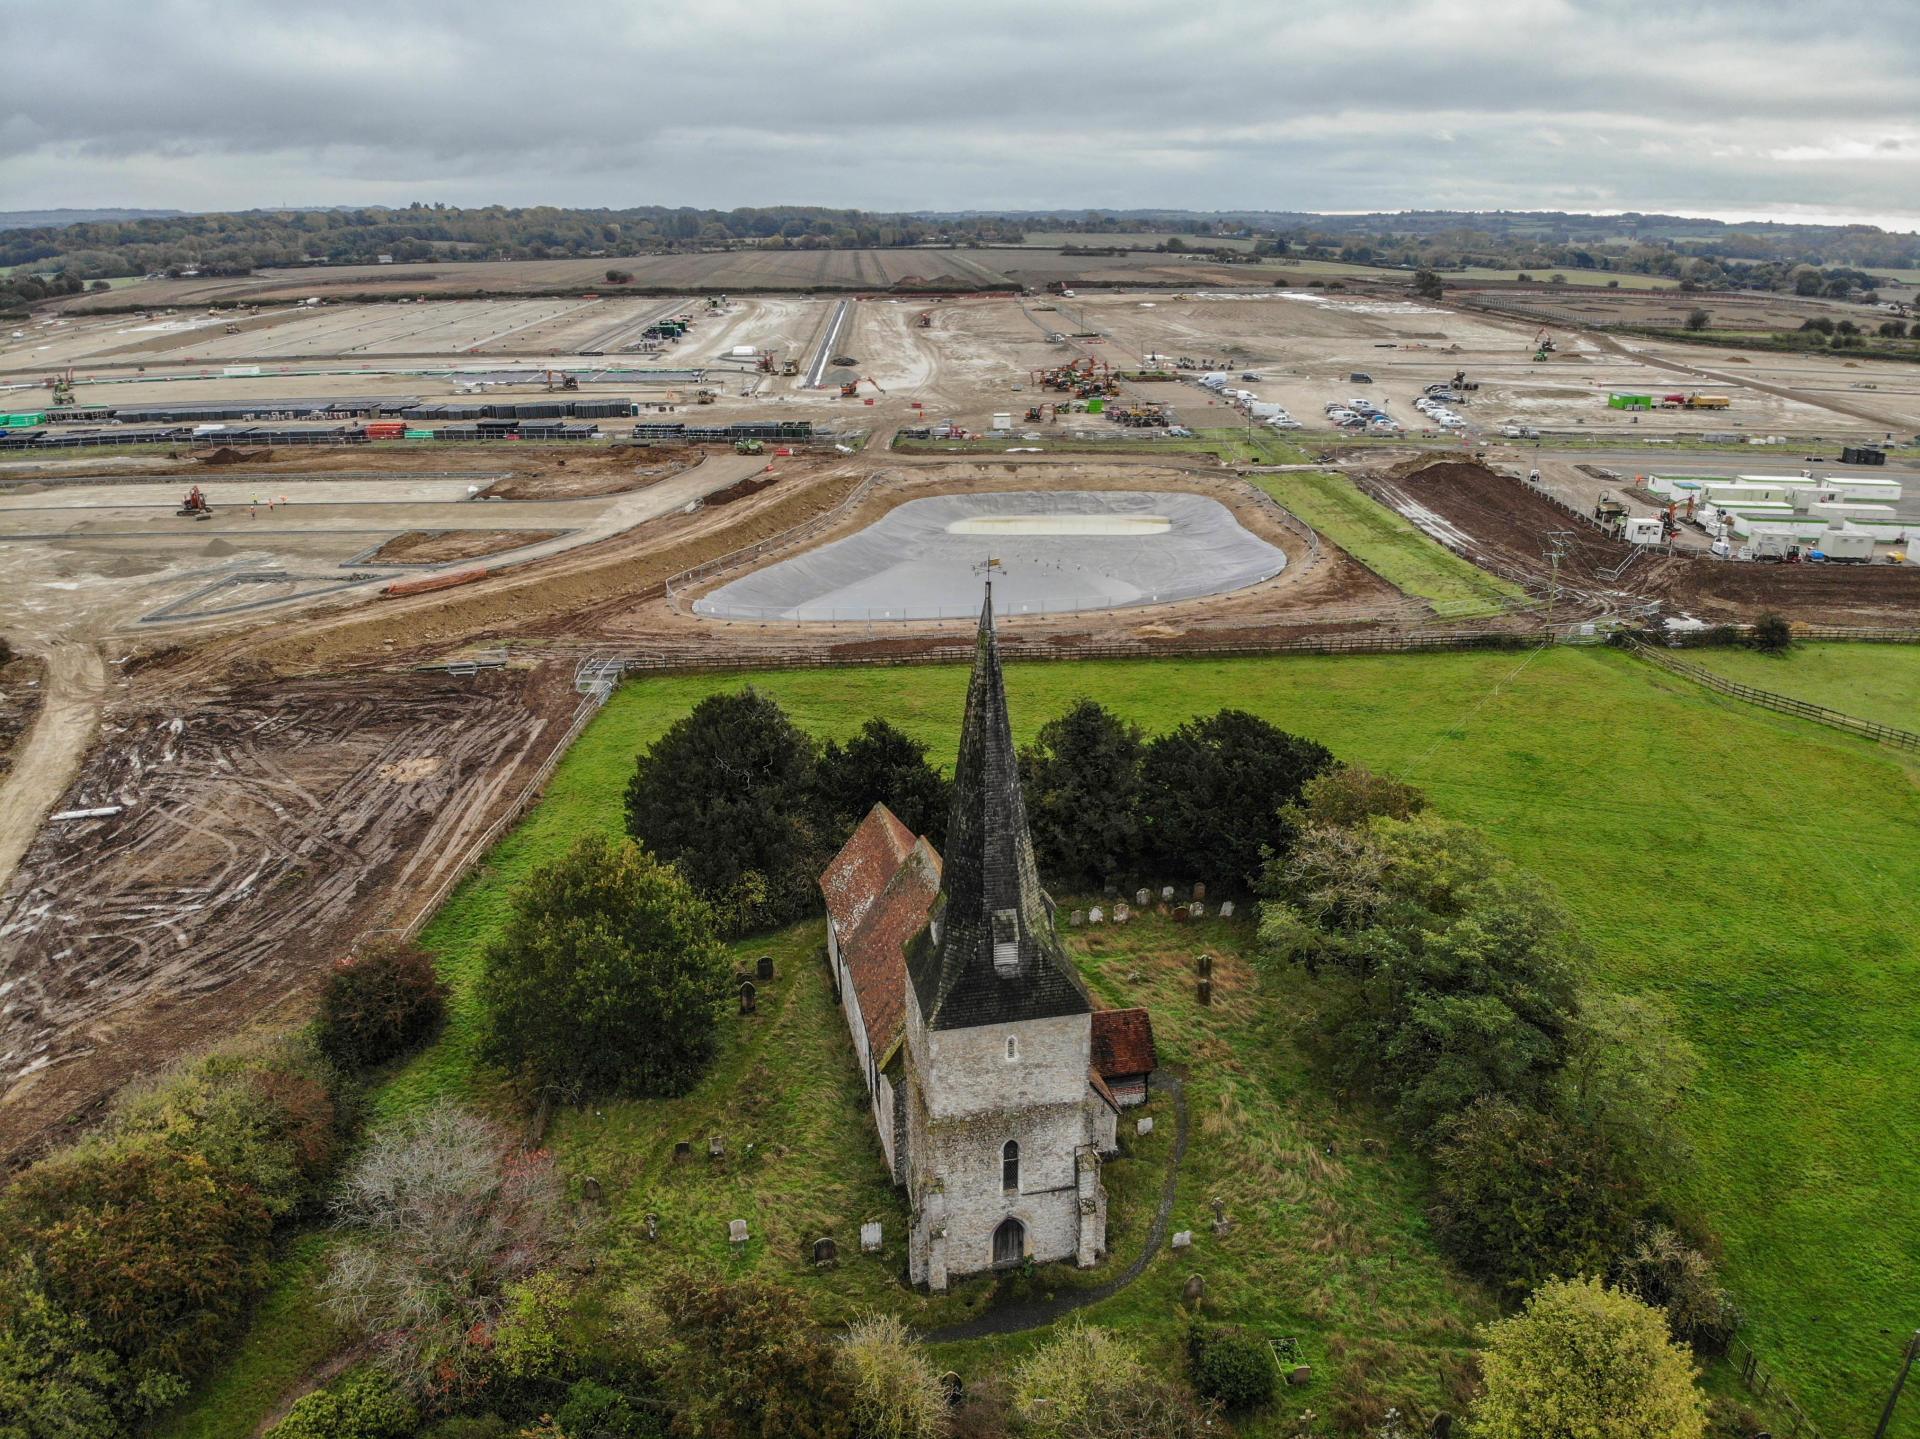 L'église St Mary, à Sevington, à proximité du chantier du parking, le 17 octobre 2020.